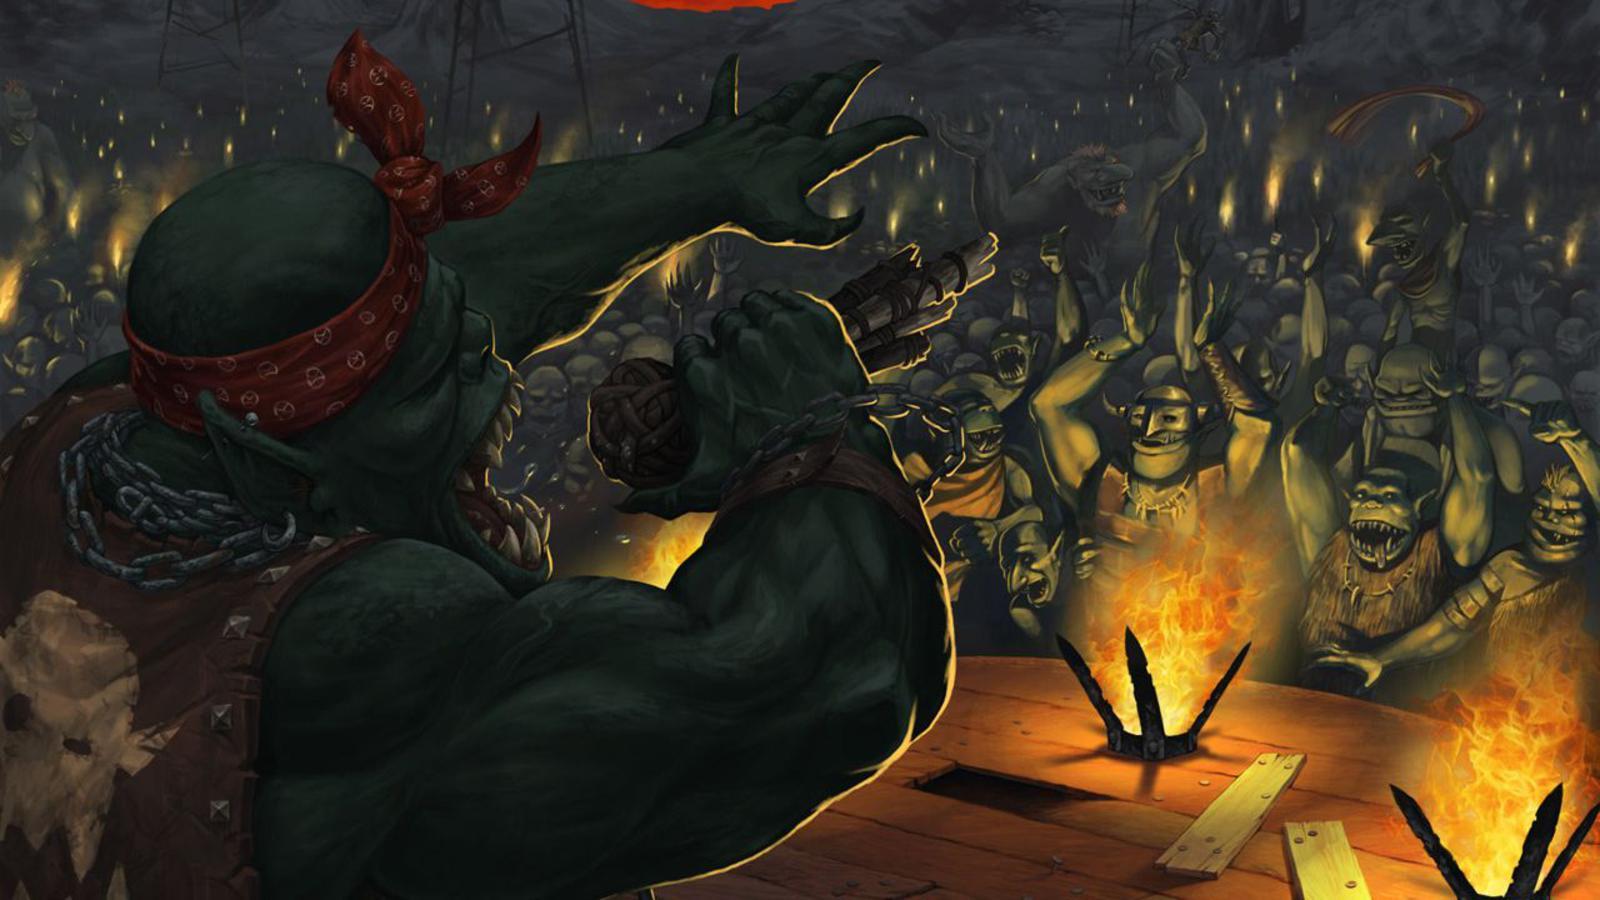 Orc Wallpaper 1600x900